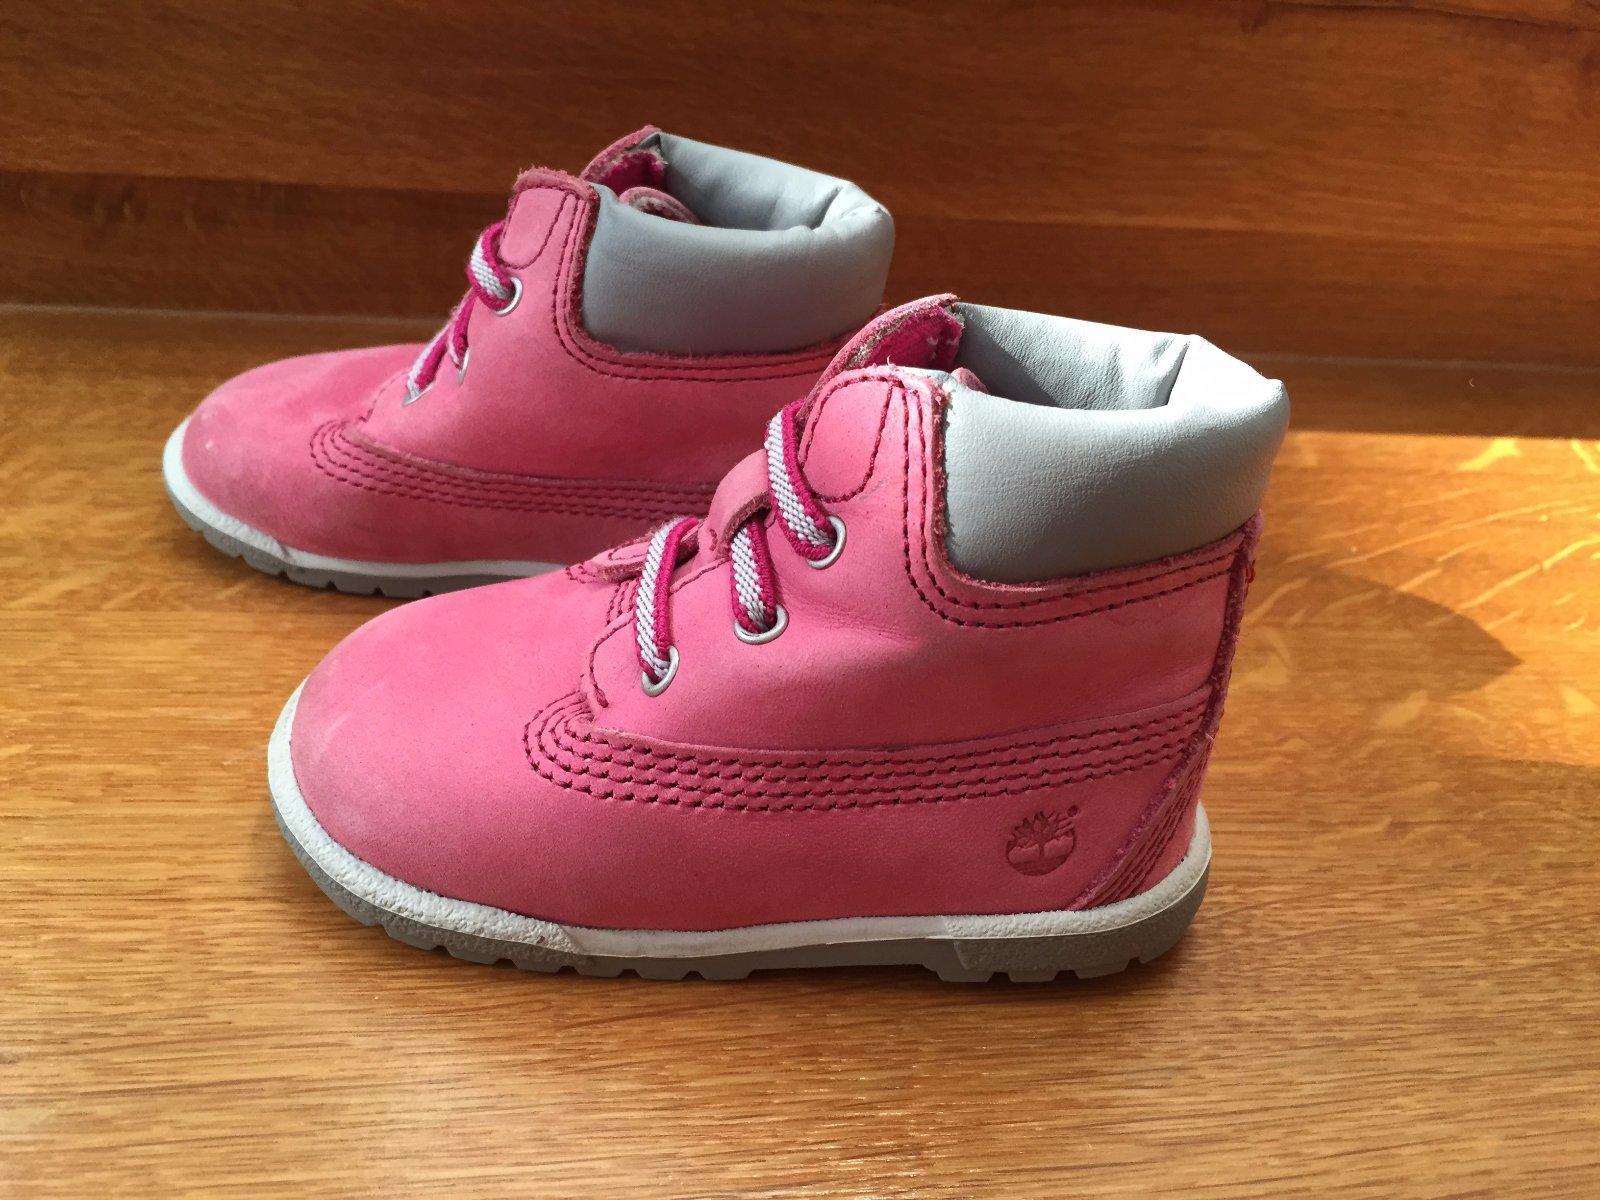 1c72022dd43af Detské timberland topánky, timberland,18 - 16 € od predávajúcej halenka33    Detský bazár   ModryKonik.sk